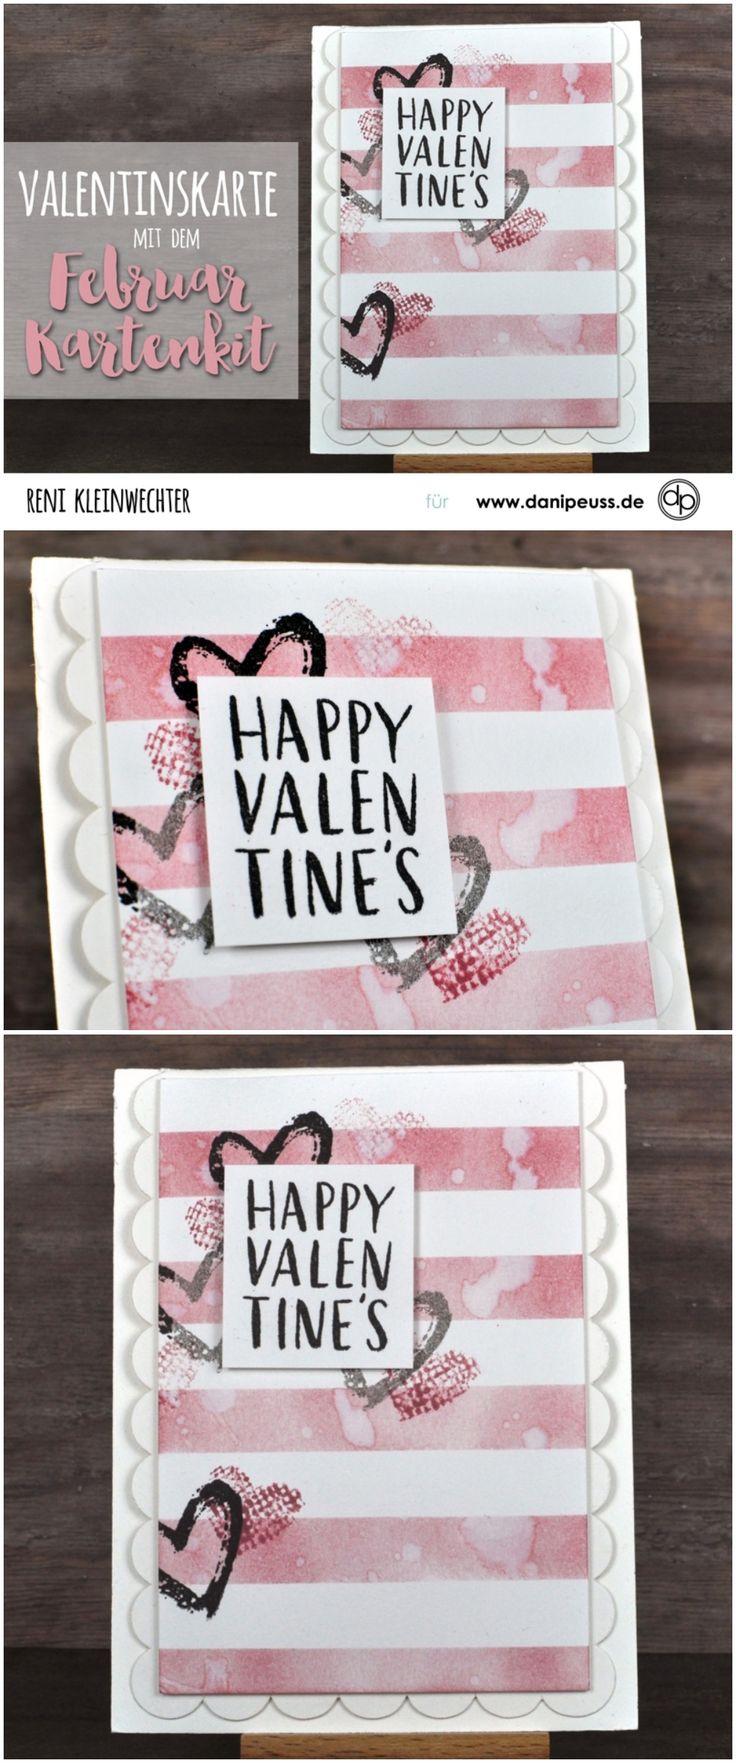 Distress Valentinskarte Mit Dem Februar Kartenkit Von Reni Kleinwechter Für  Www.danipeuss.de #